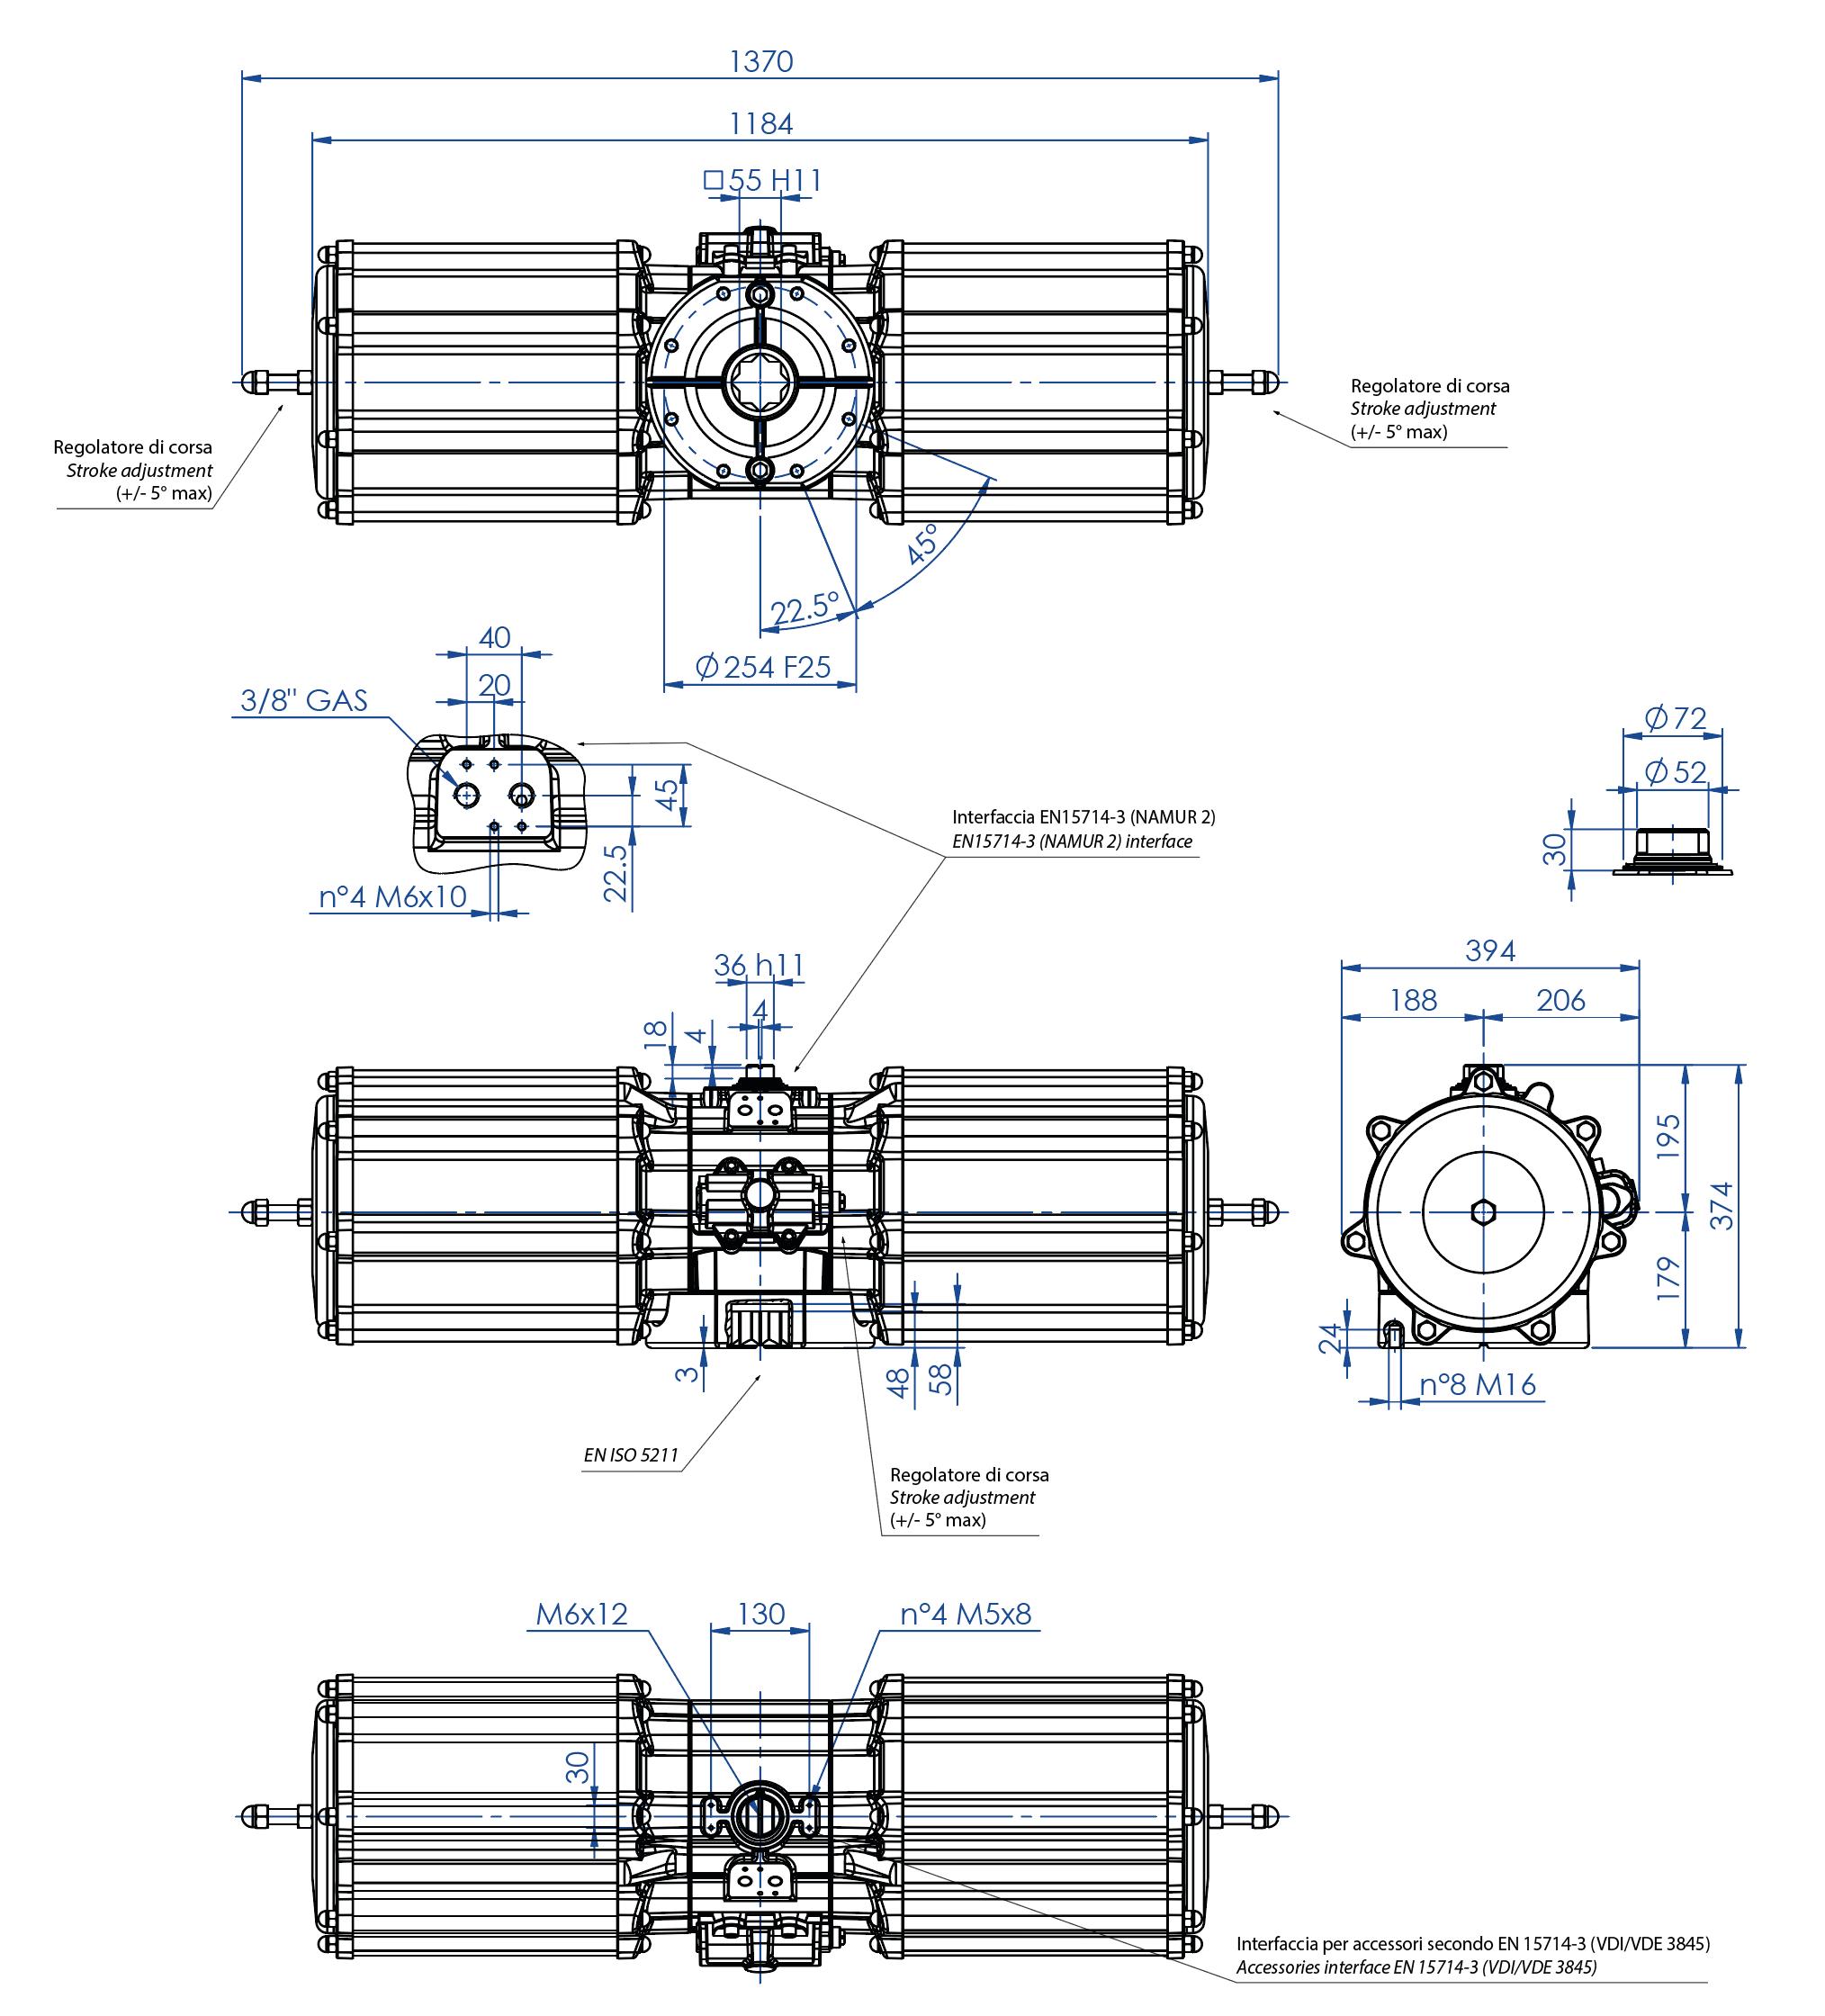 Alüminyum GS tek etkili pnömatik aktüatör - boyutlar - Tek etki ölçü pnömatik aktüatör GS 4000 (Nm)